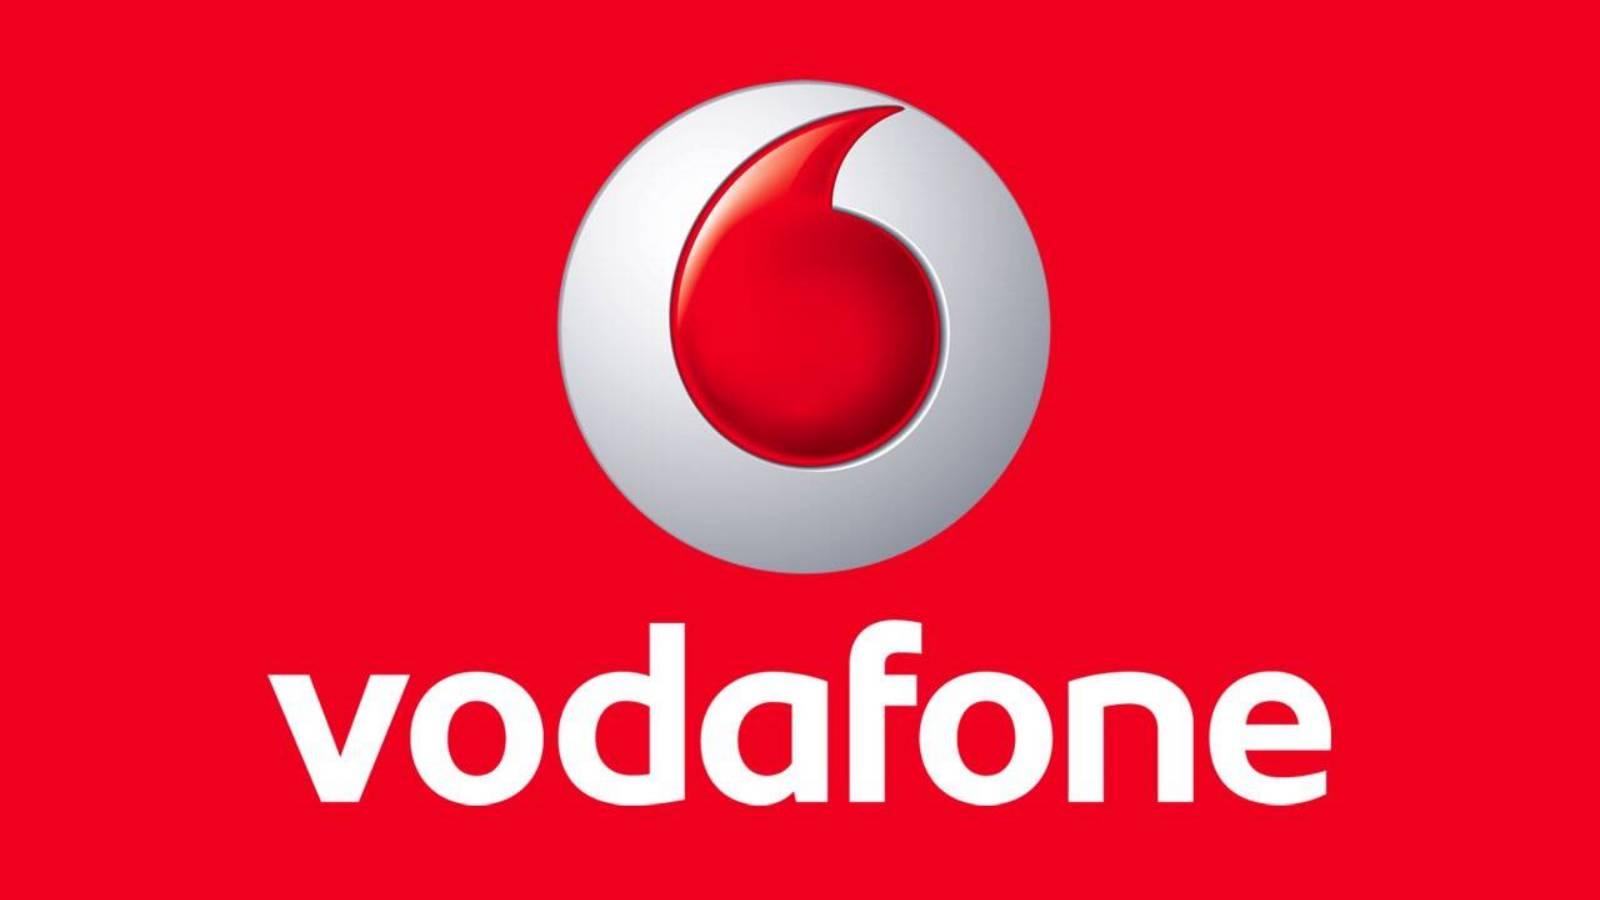 Vodafone cooperare